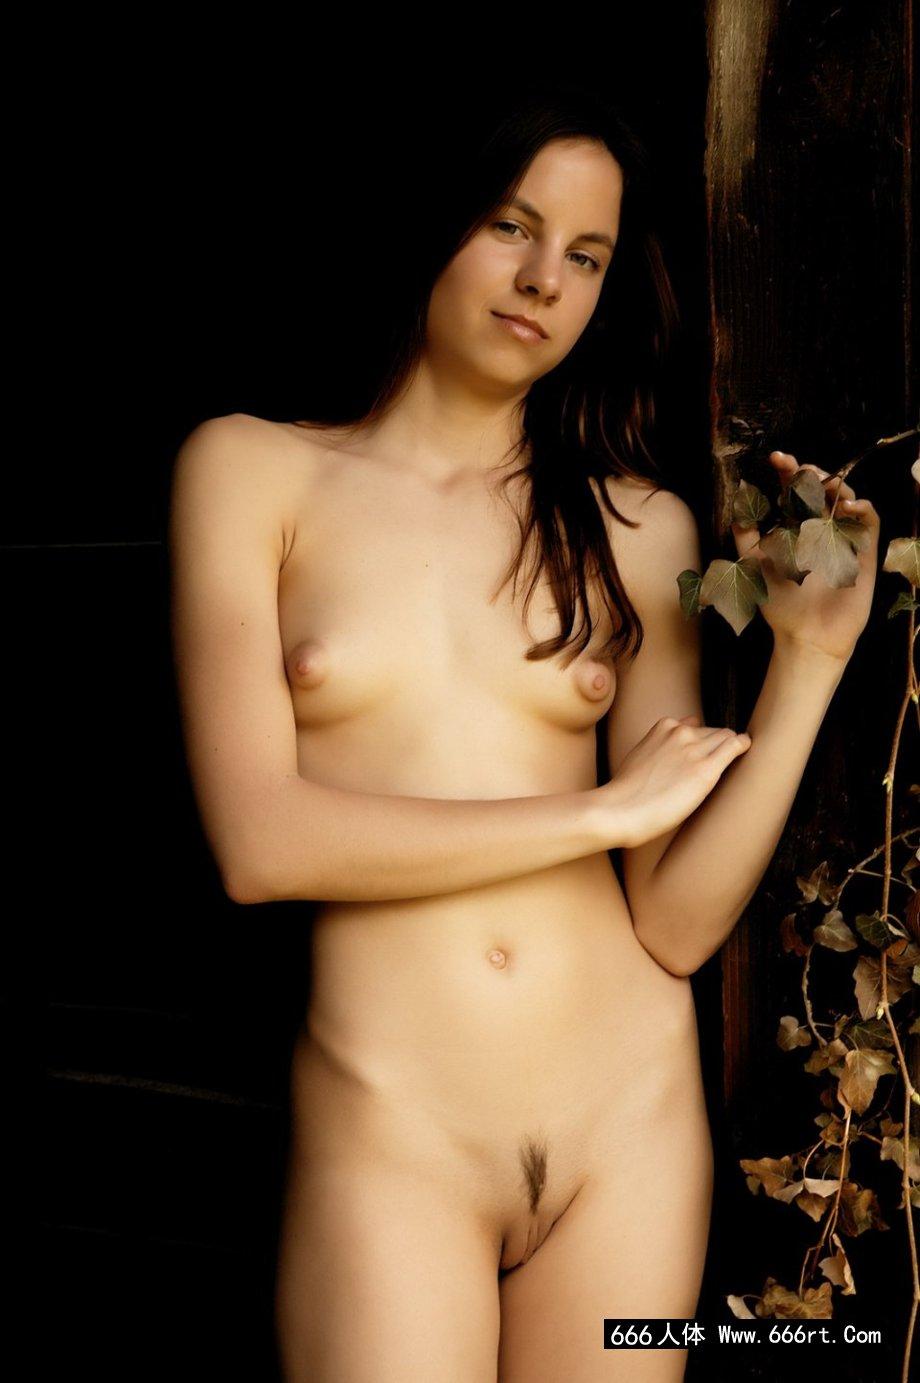 西班牙年轻模特Alt小木屋门外图片